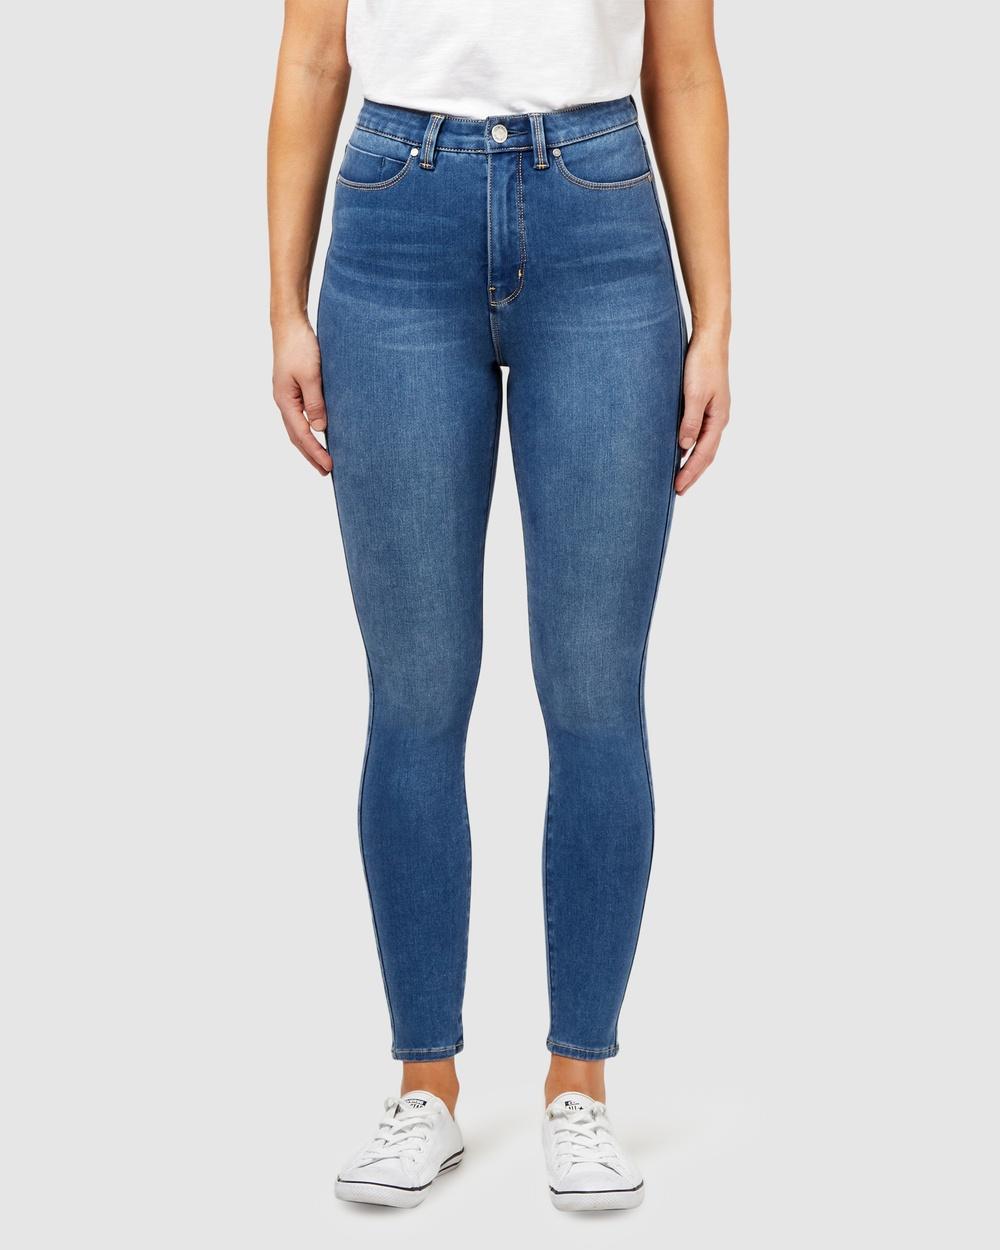 Jeanswest Freeform 360 Contour High Waisted Skinny 7 8 Jeans True Blue High-Waisted True Blue 7-8 Australia